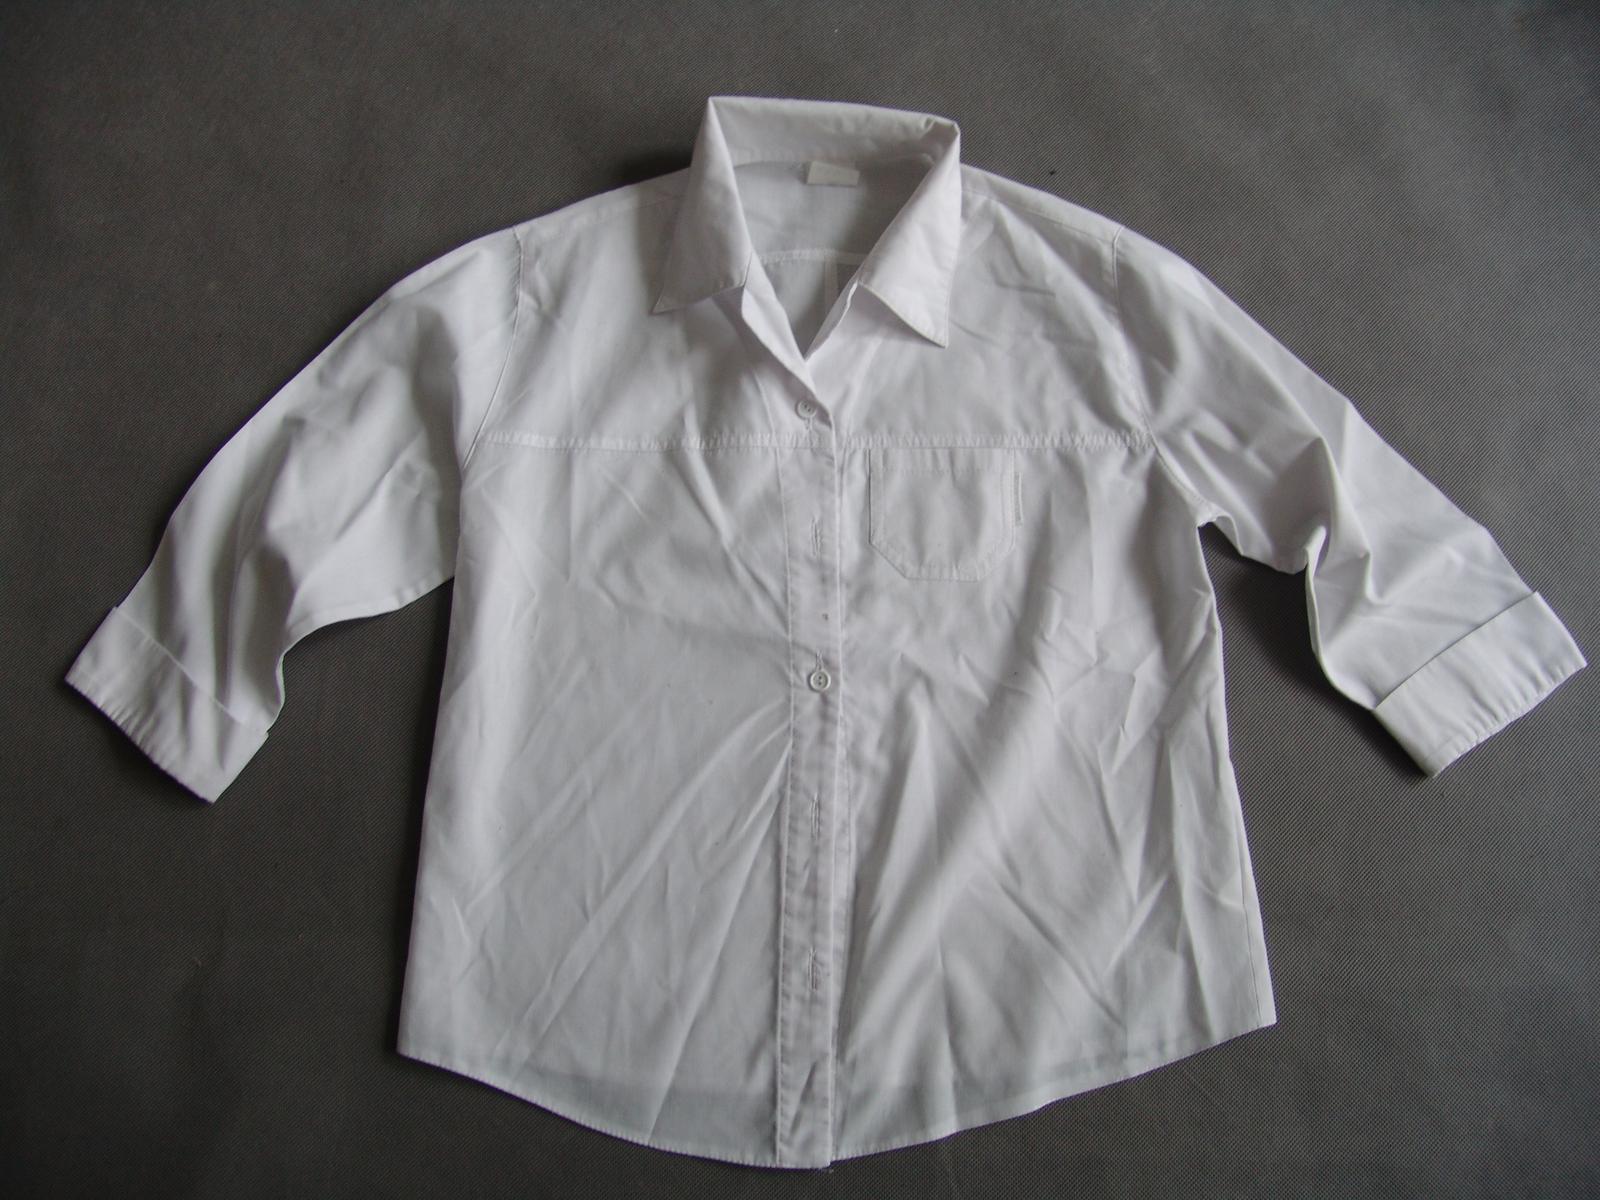 Bílá košile  - Obrázek č. 1